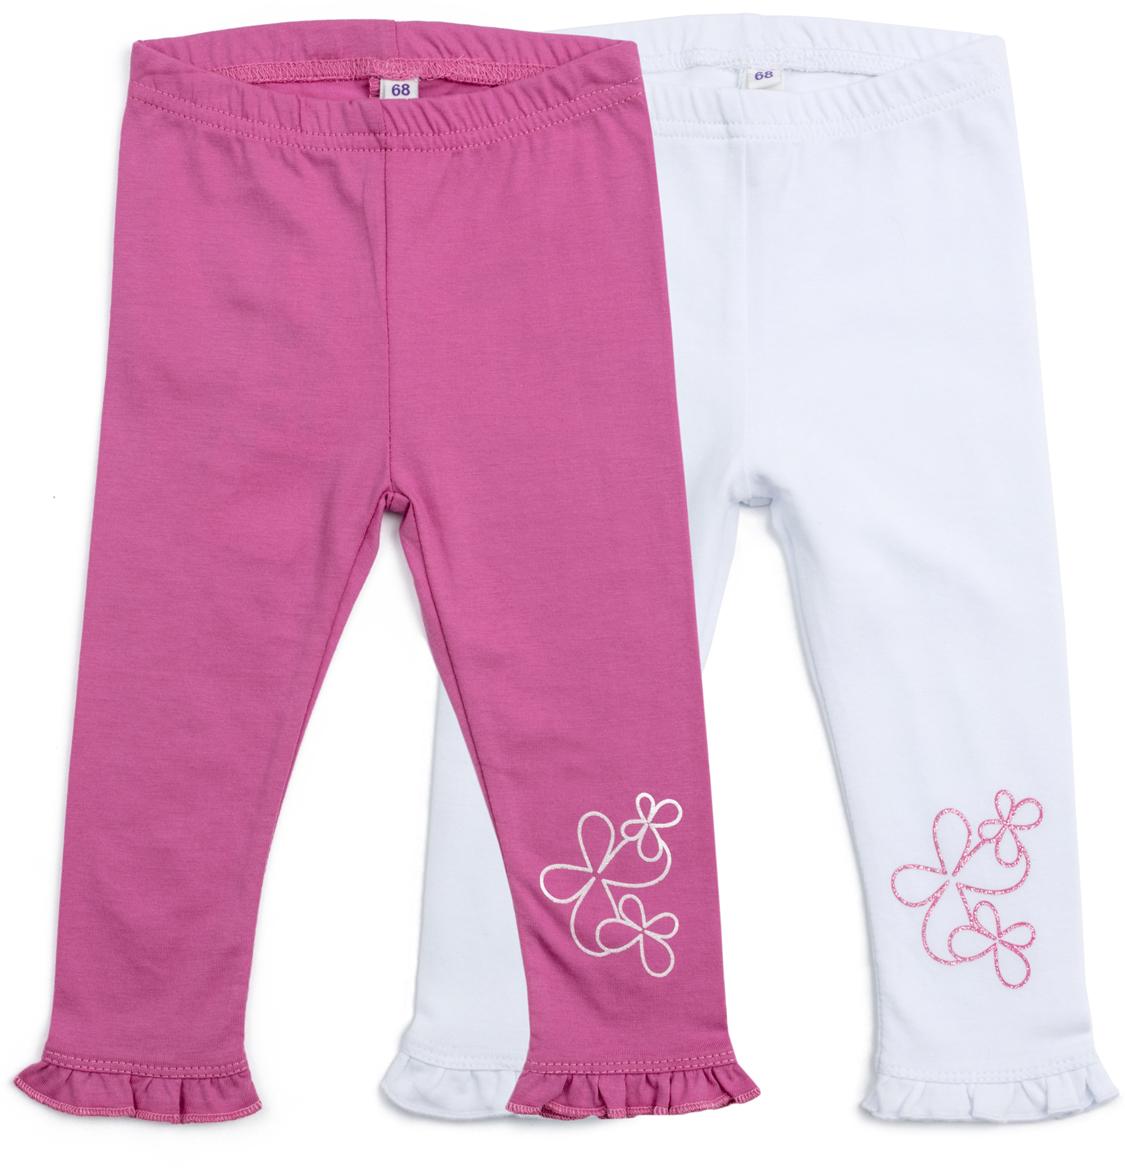 Леггинсы для девочки PlayToday, цвет: белый, розовый, 2 шт. 188860. Размер 68188860